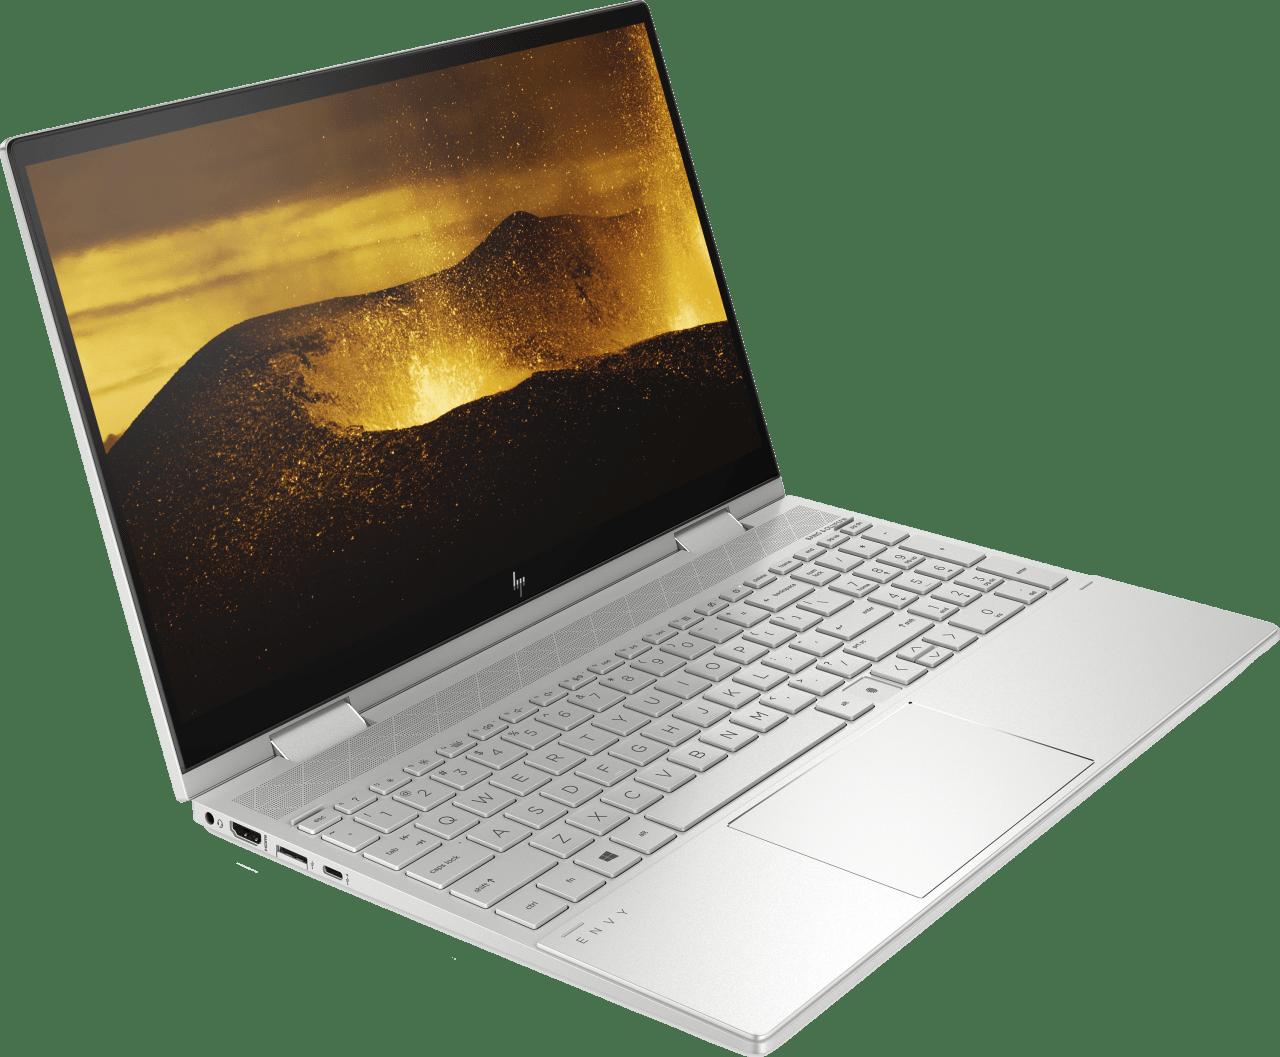 Natural Silver HP Envy x360 15-ed0272ng 2in1 - Intel® Core™ i7-1065G7 - 12GB - 512GB PCIe - Intel® UHD Graphics.3